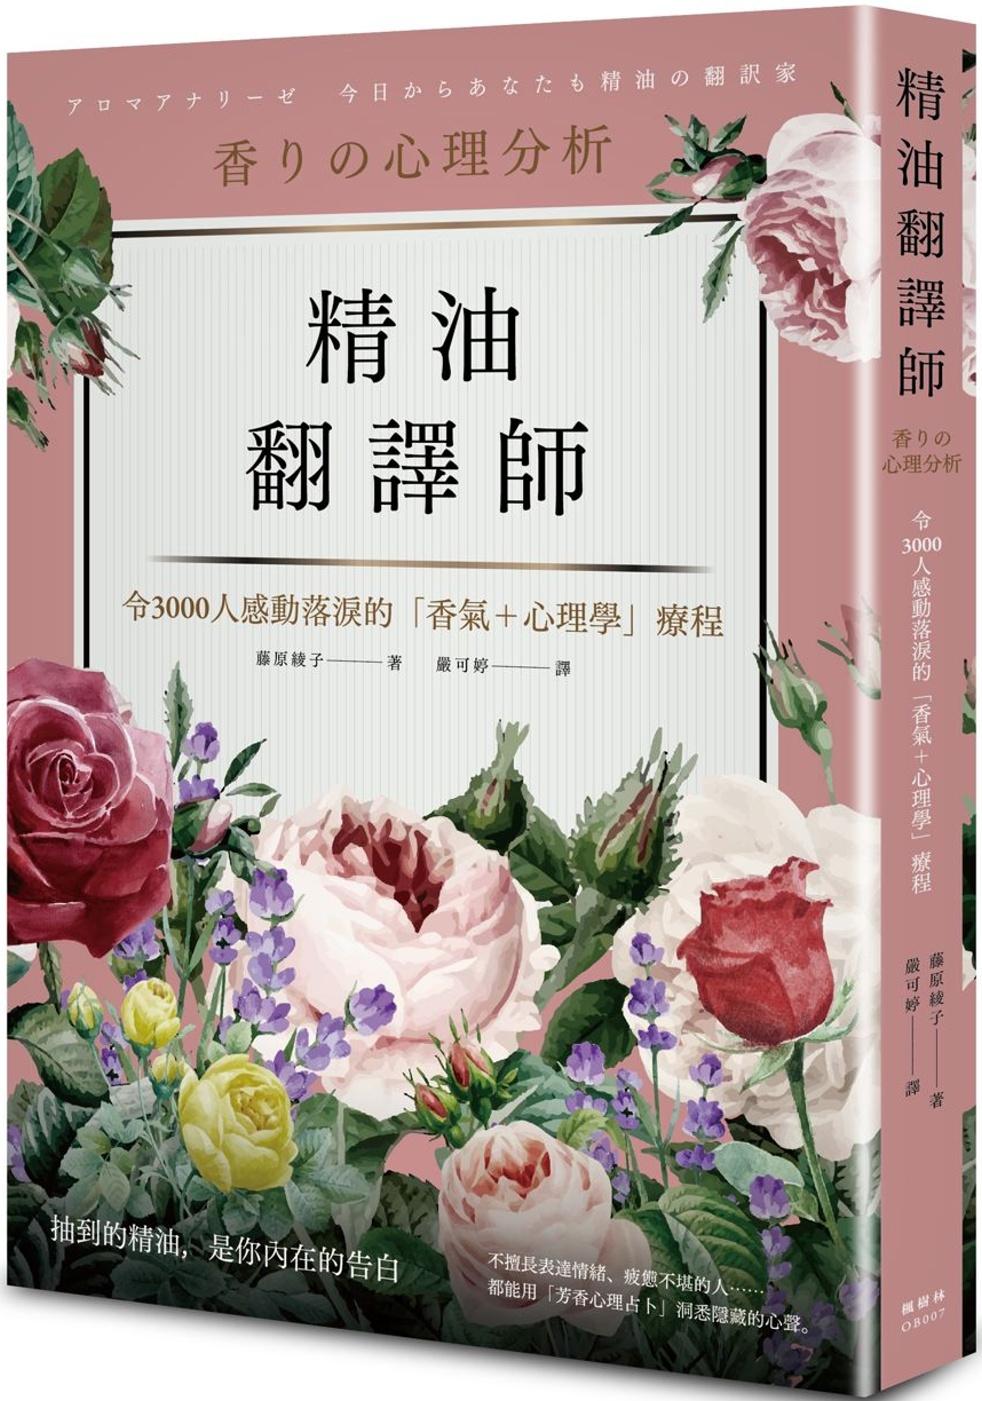 精油翻譯師(限台灣)